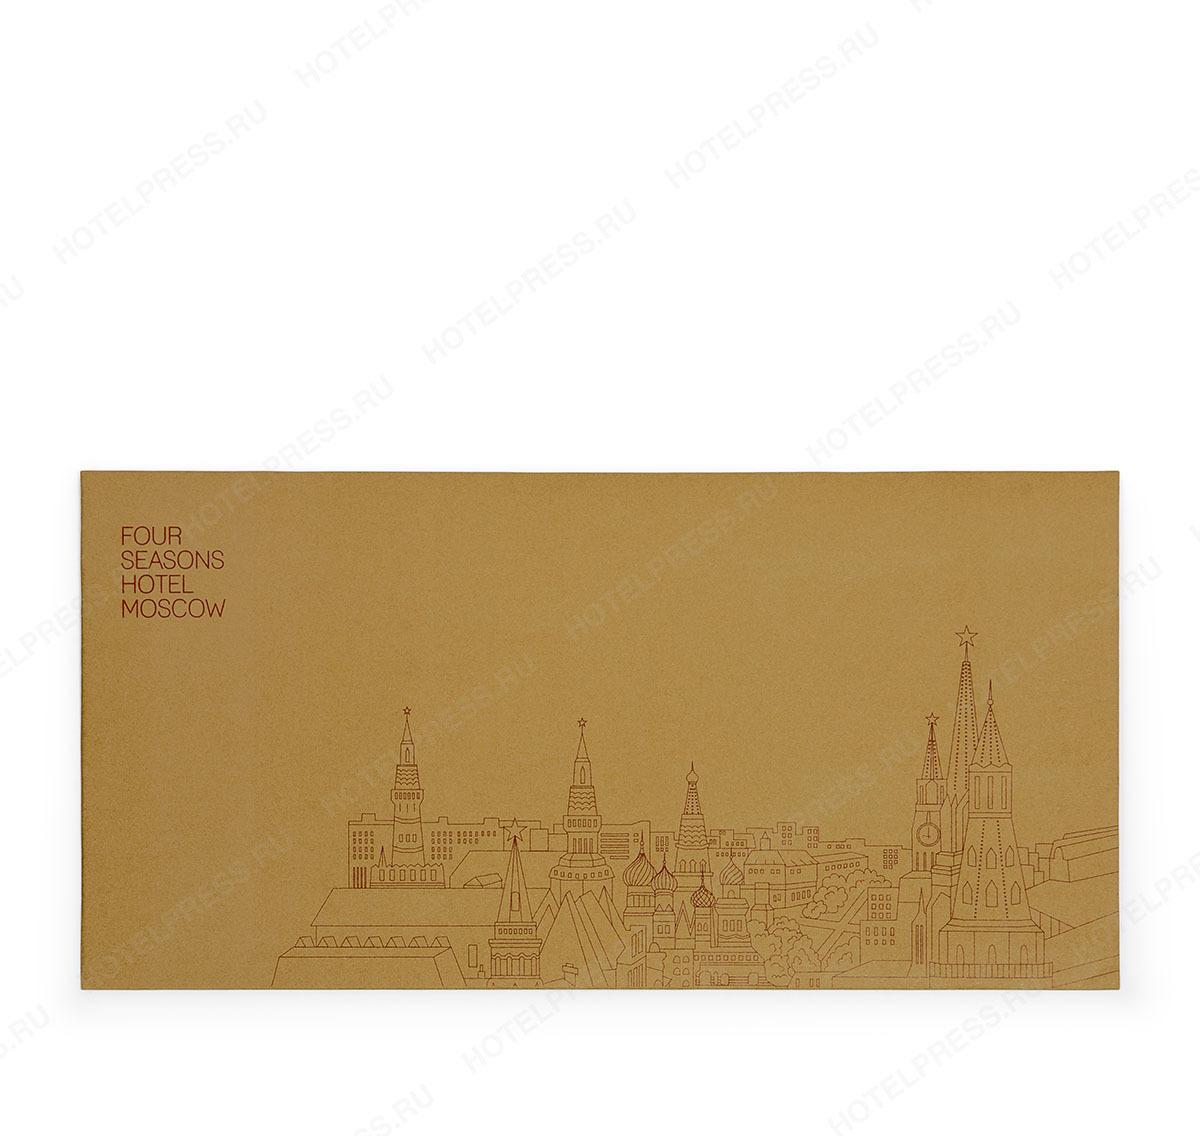 Дизайнерский евроконверт отеля Four Seasons